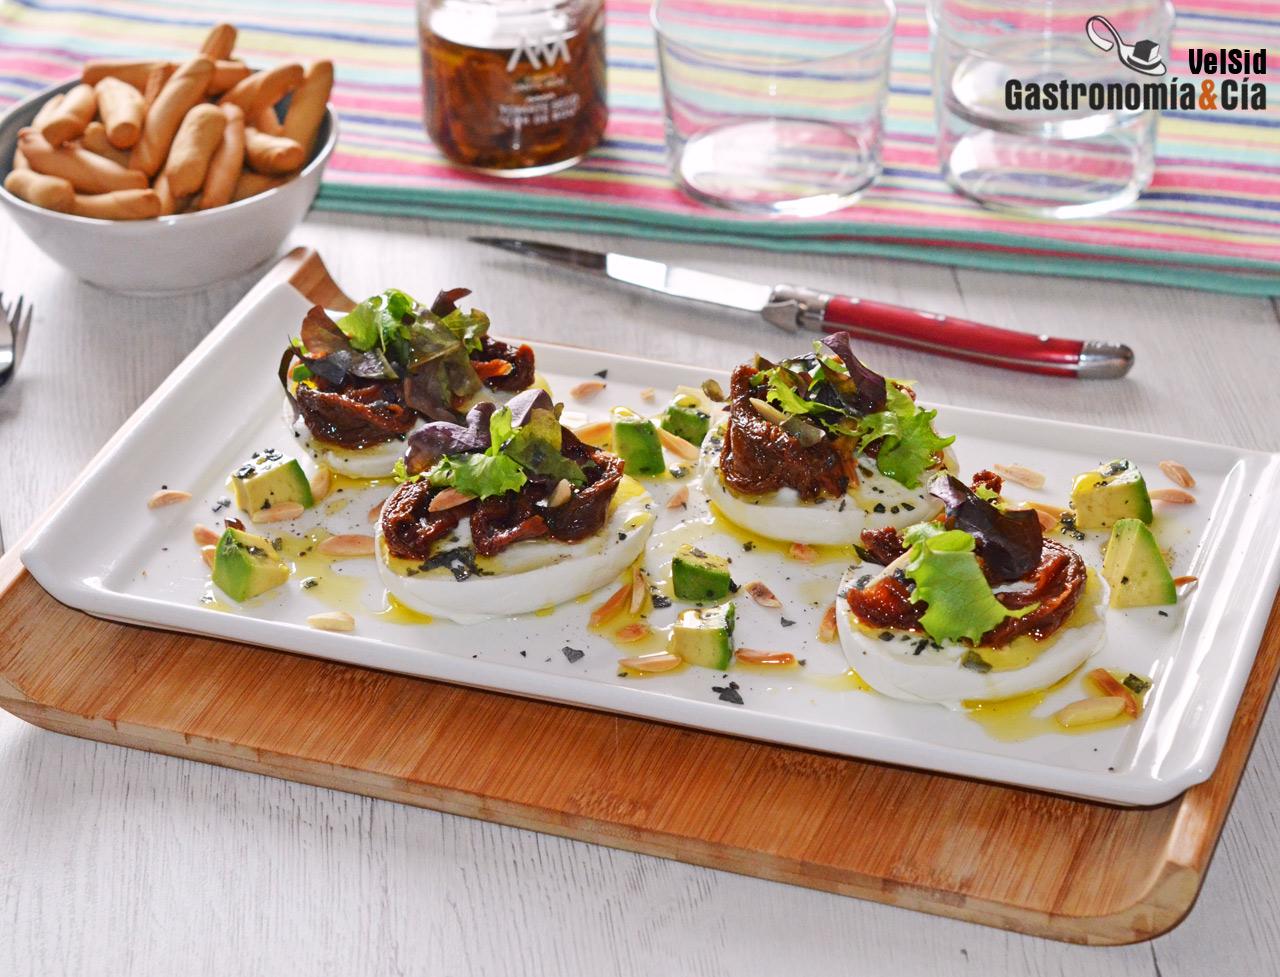 Mozzarella de búfala con tomates secos Corazón de buey, una receta de lujo para un aperitivo especial